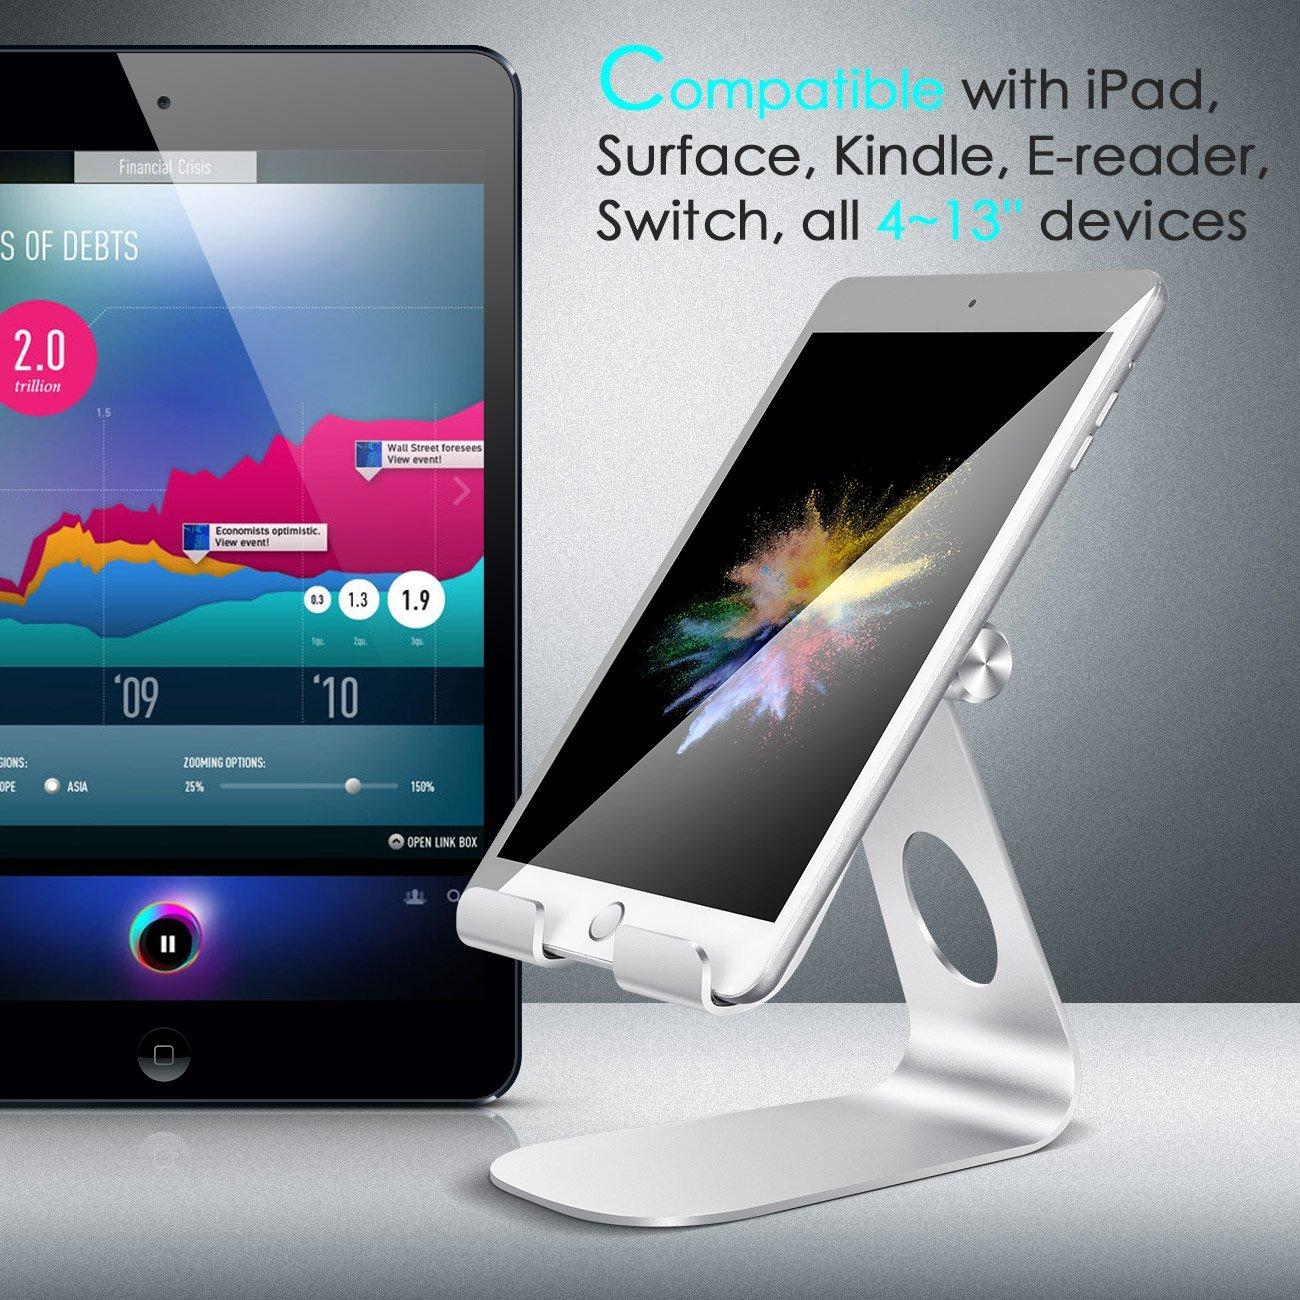 tablet st nder von lamical kompatibel f r ger te von 4 13. Black Bedroom Furniture Sets. Home Design Ideas